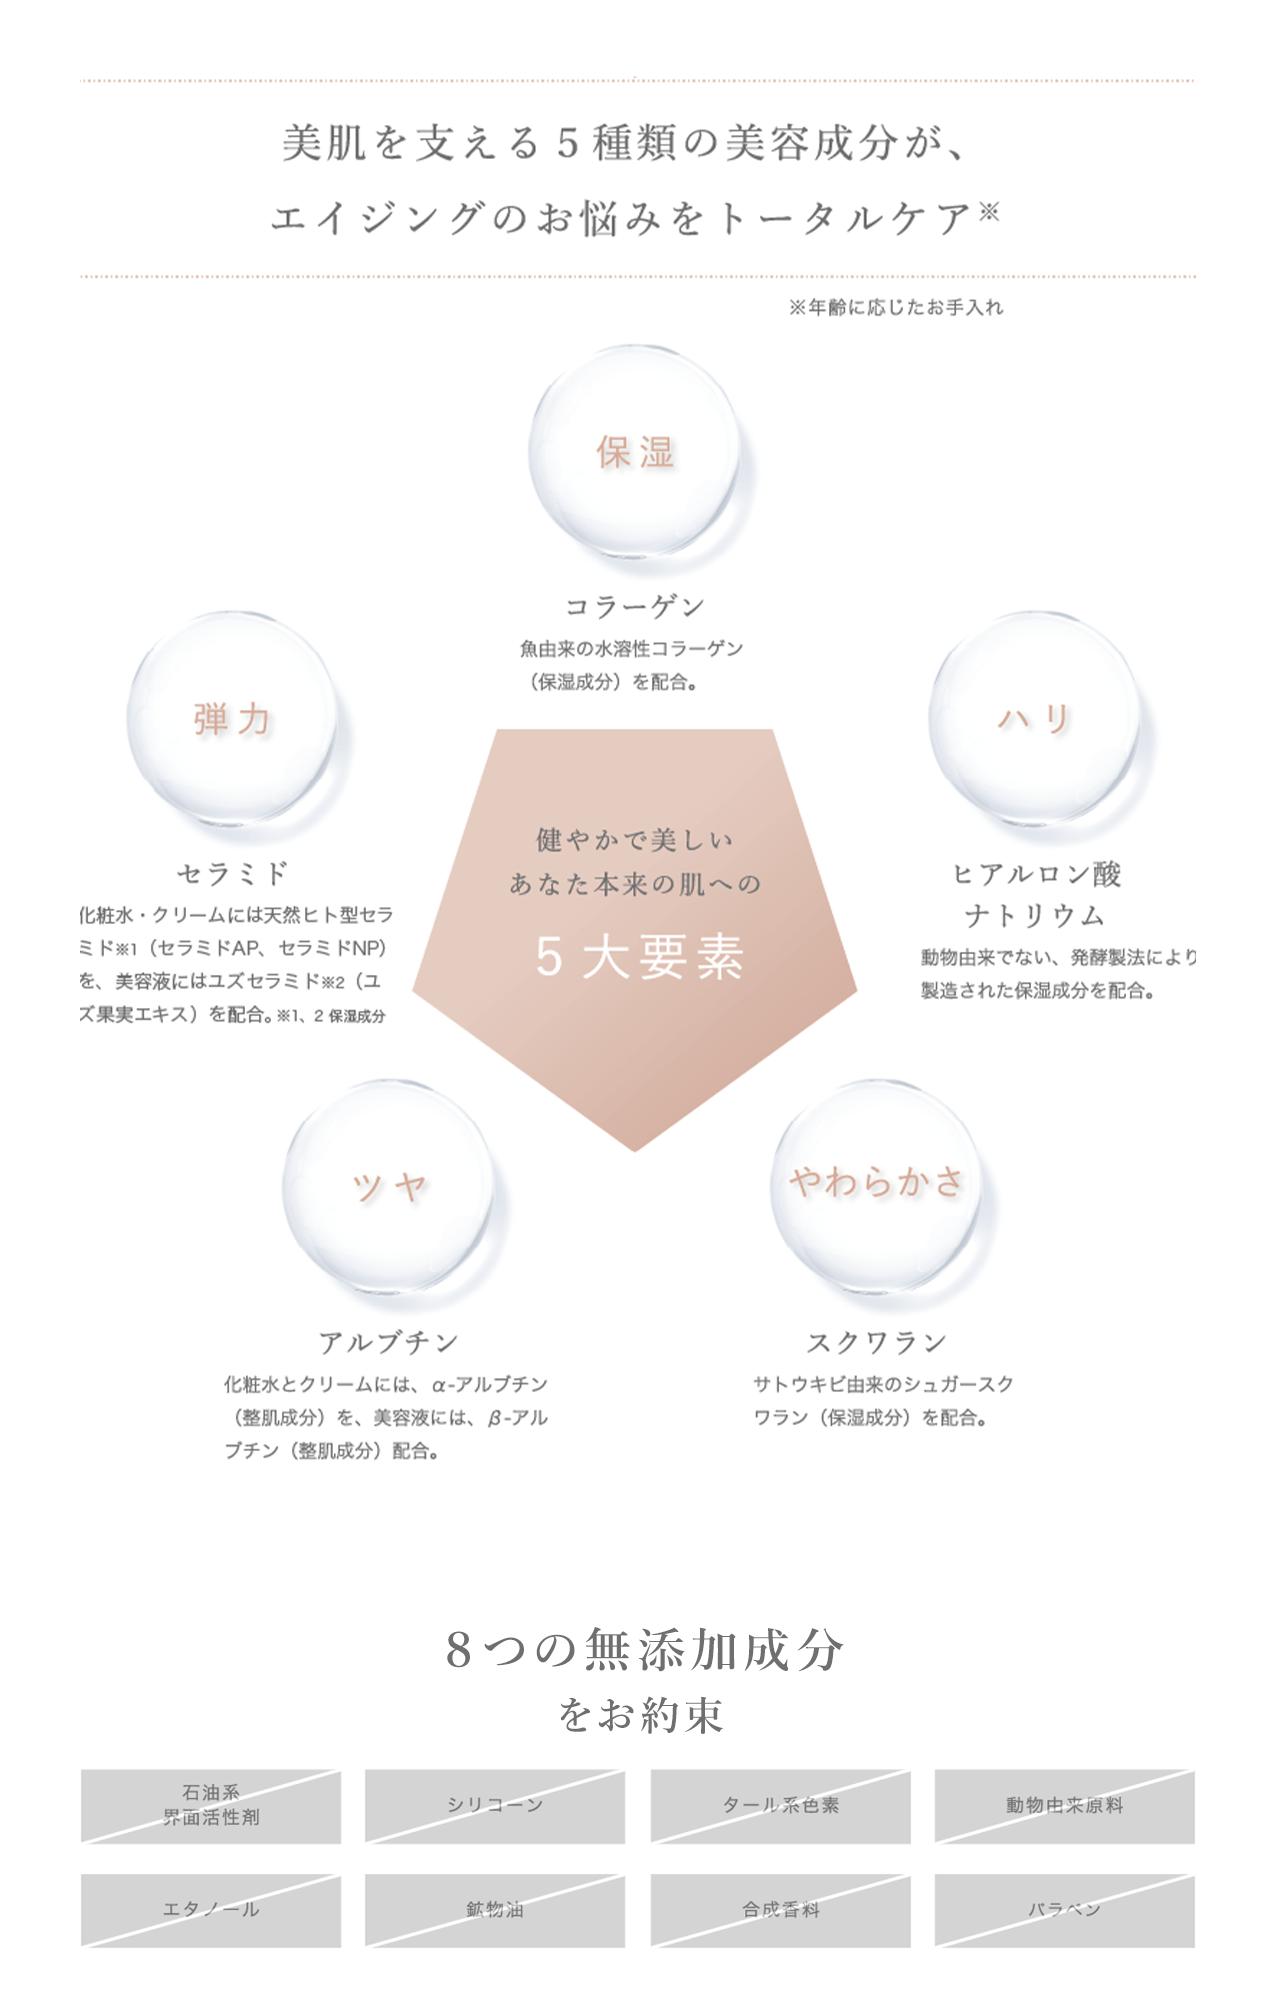 大人肌のお手入れに欠かせない5種類の美容成分をバランスよく配合 5大要素 8つの無添加成分をお約束